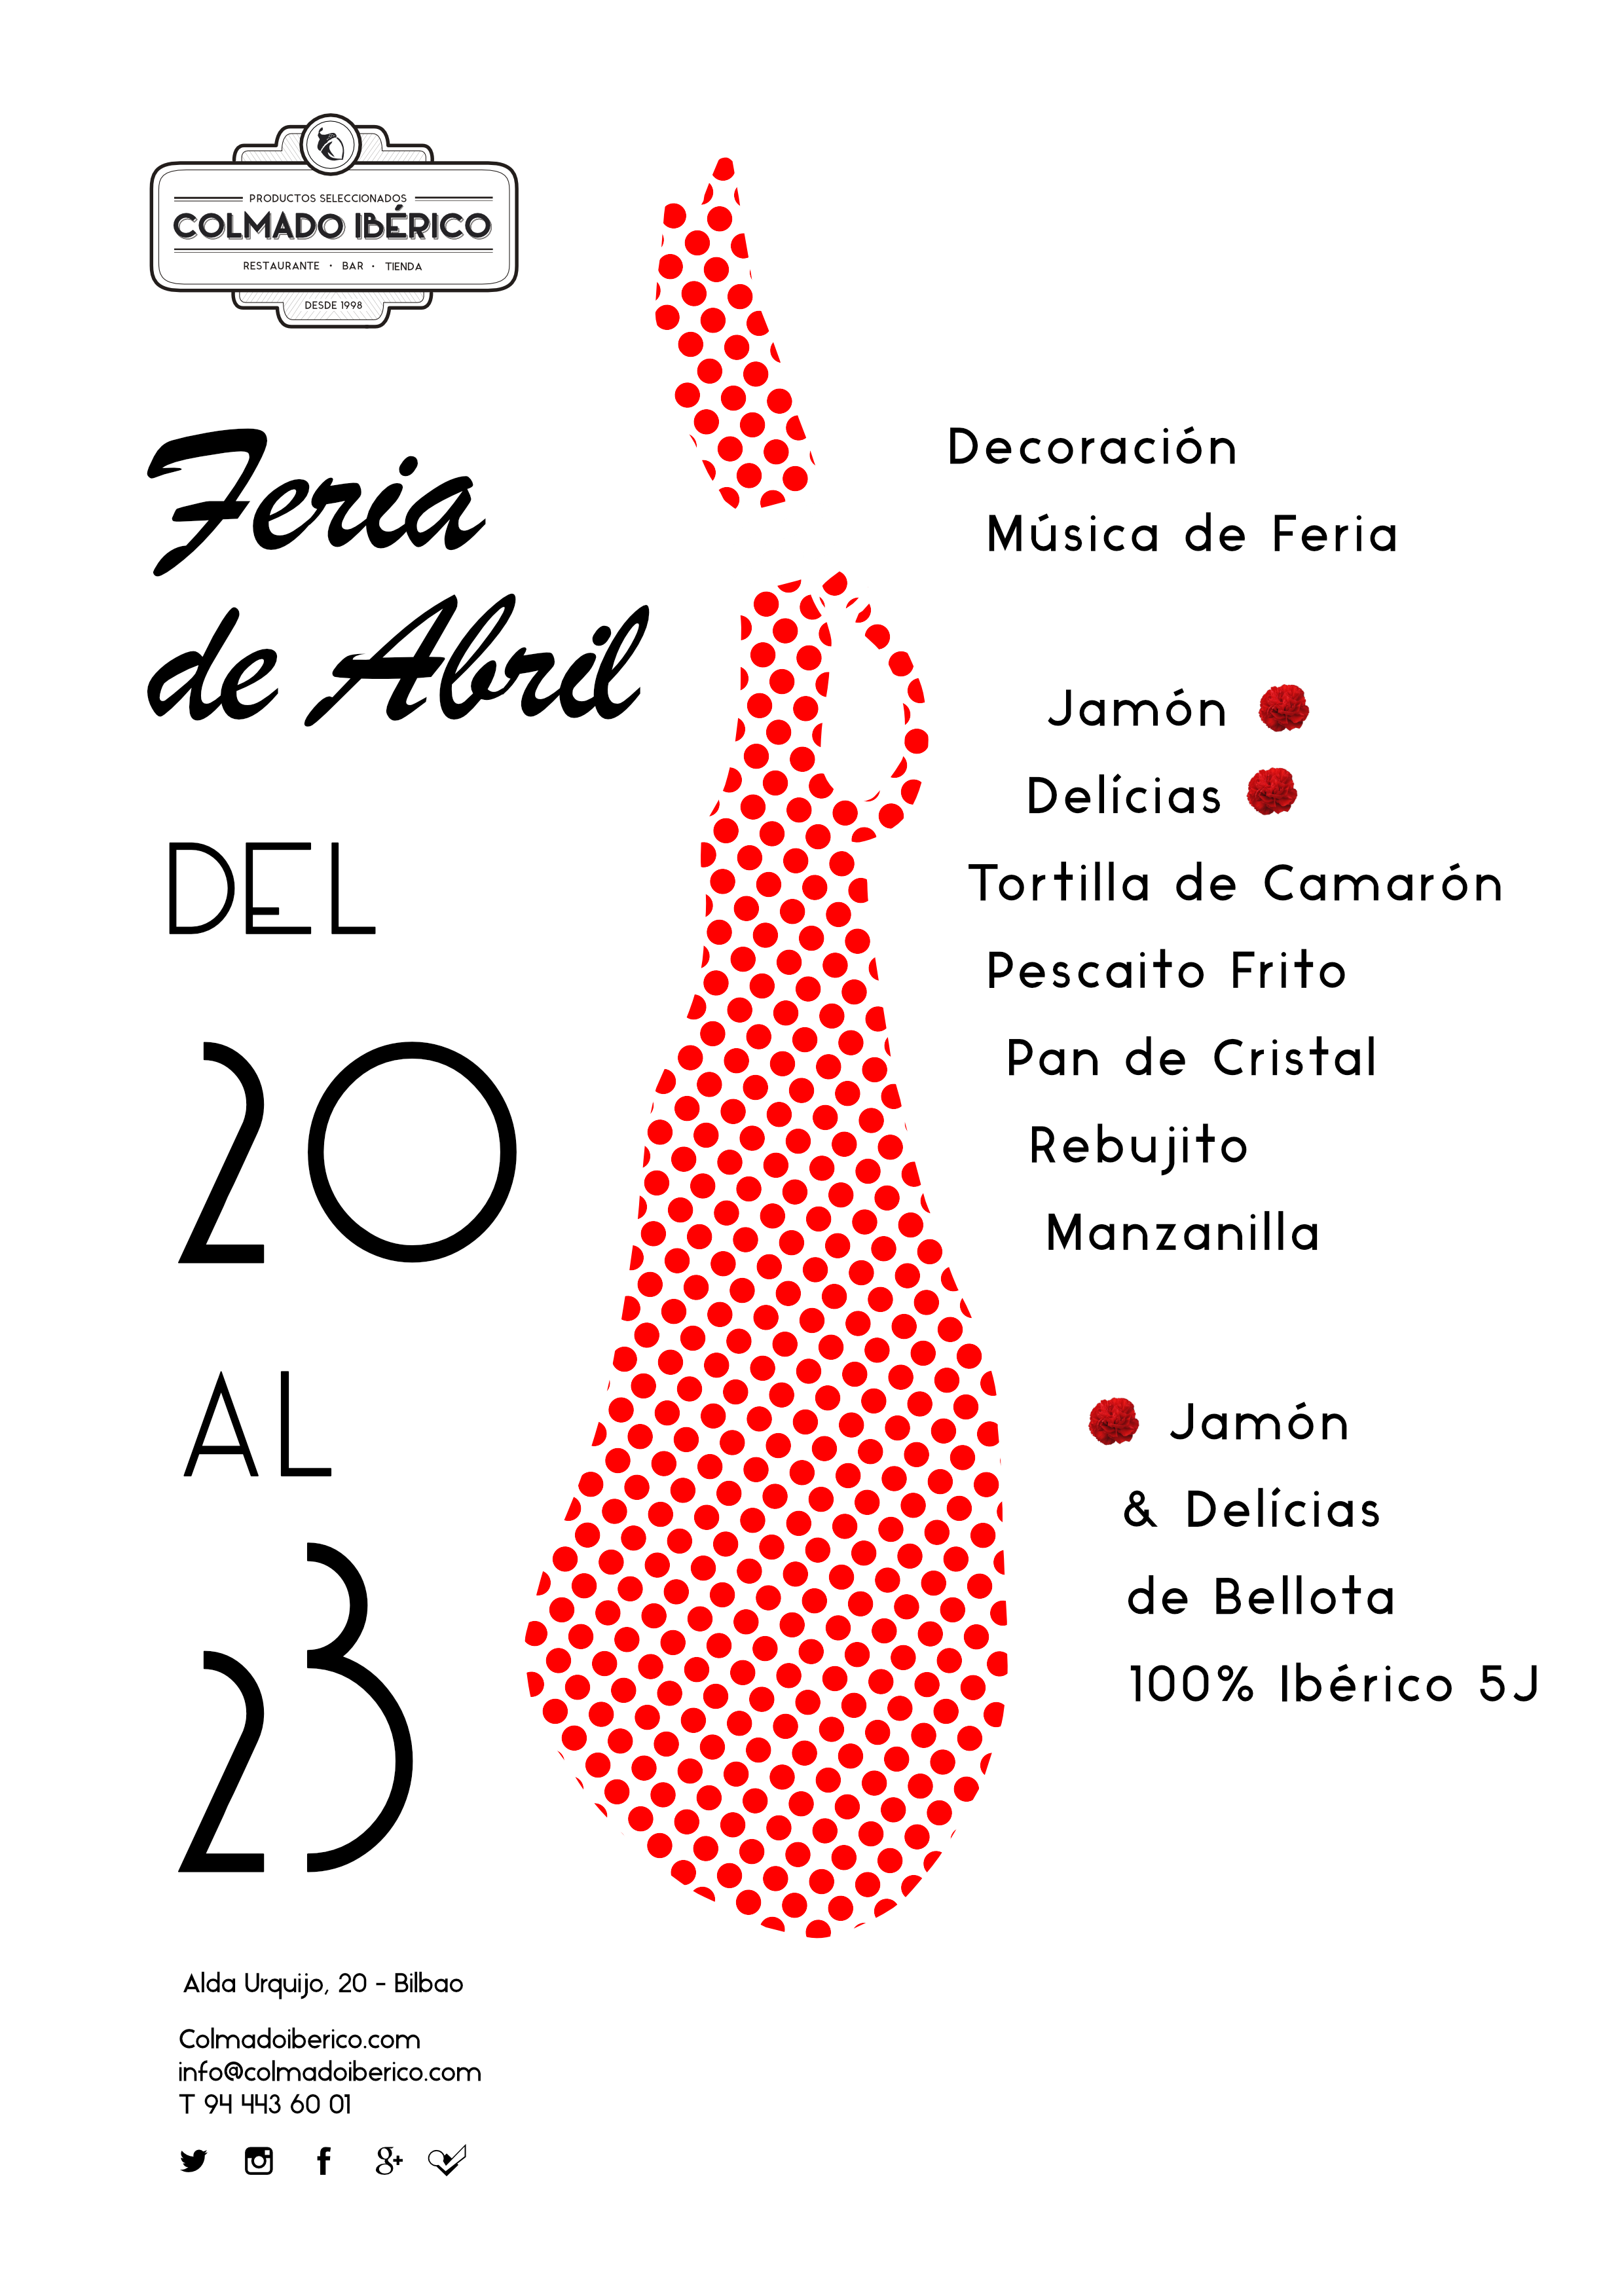 feria_de_abril_colmado